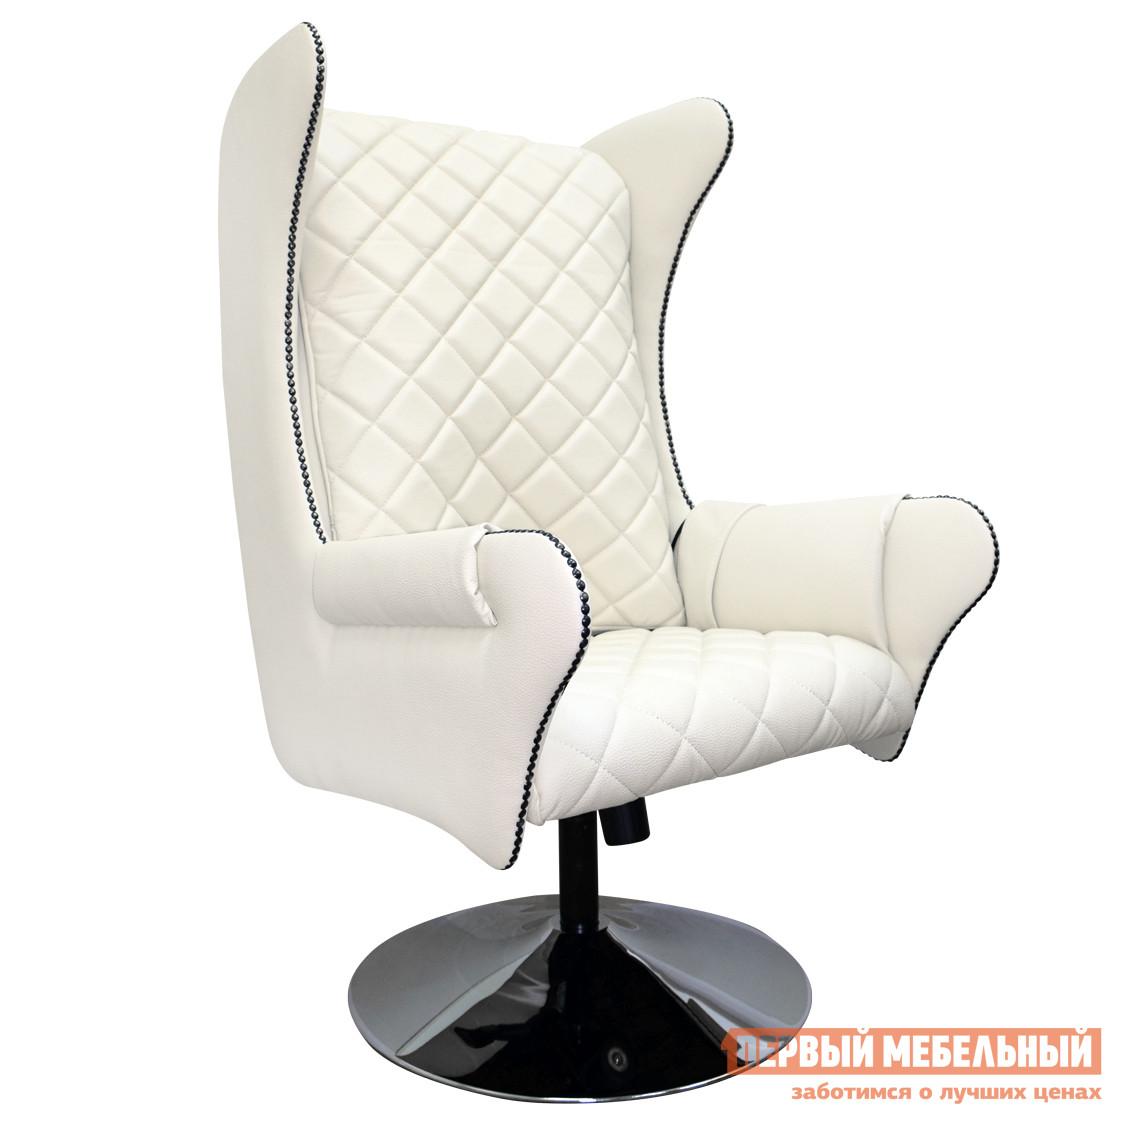 Кресло руководителя Relaxa EG-3002 Elite Standart кресло качалка relaxa eg 2001 se elite